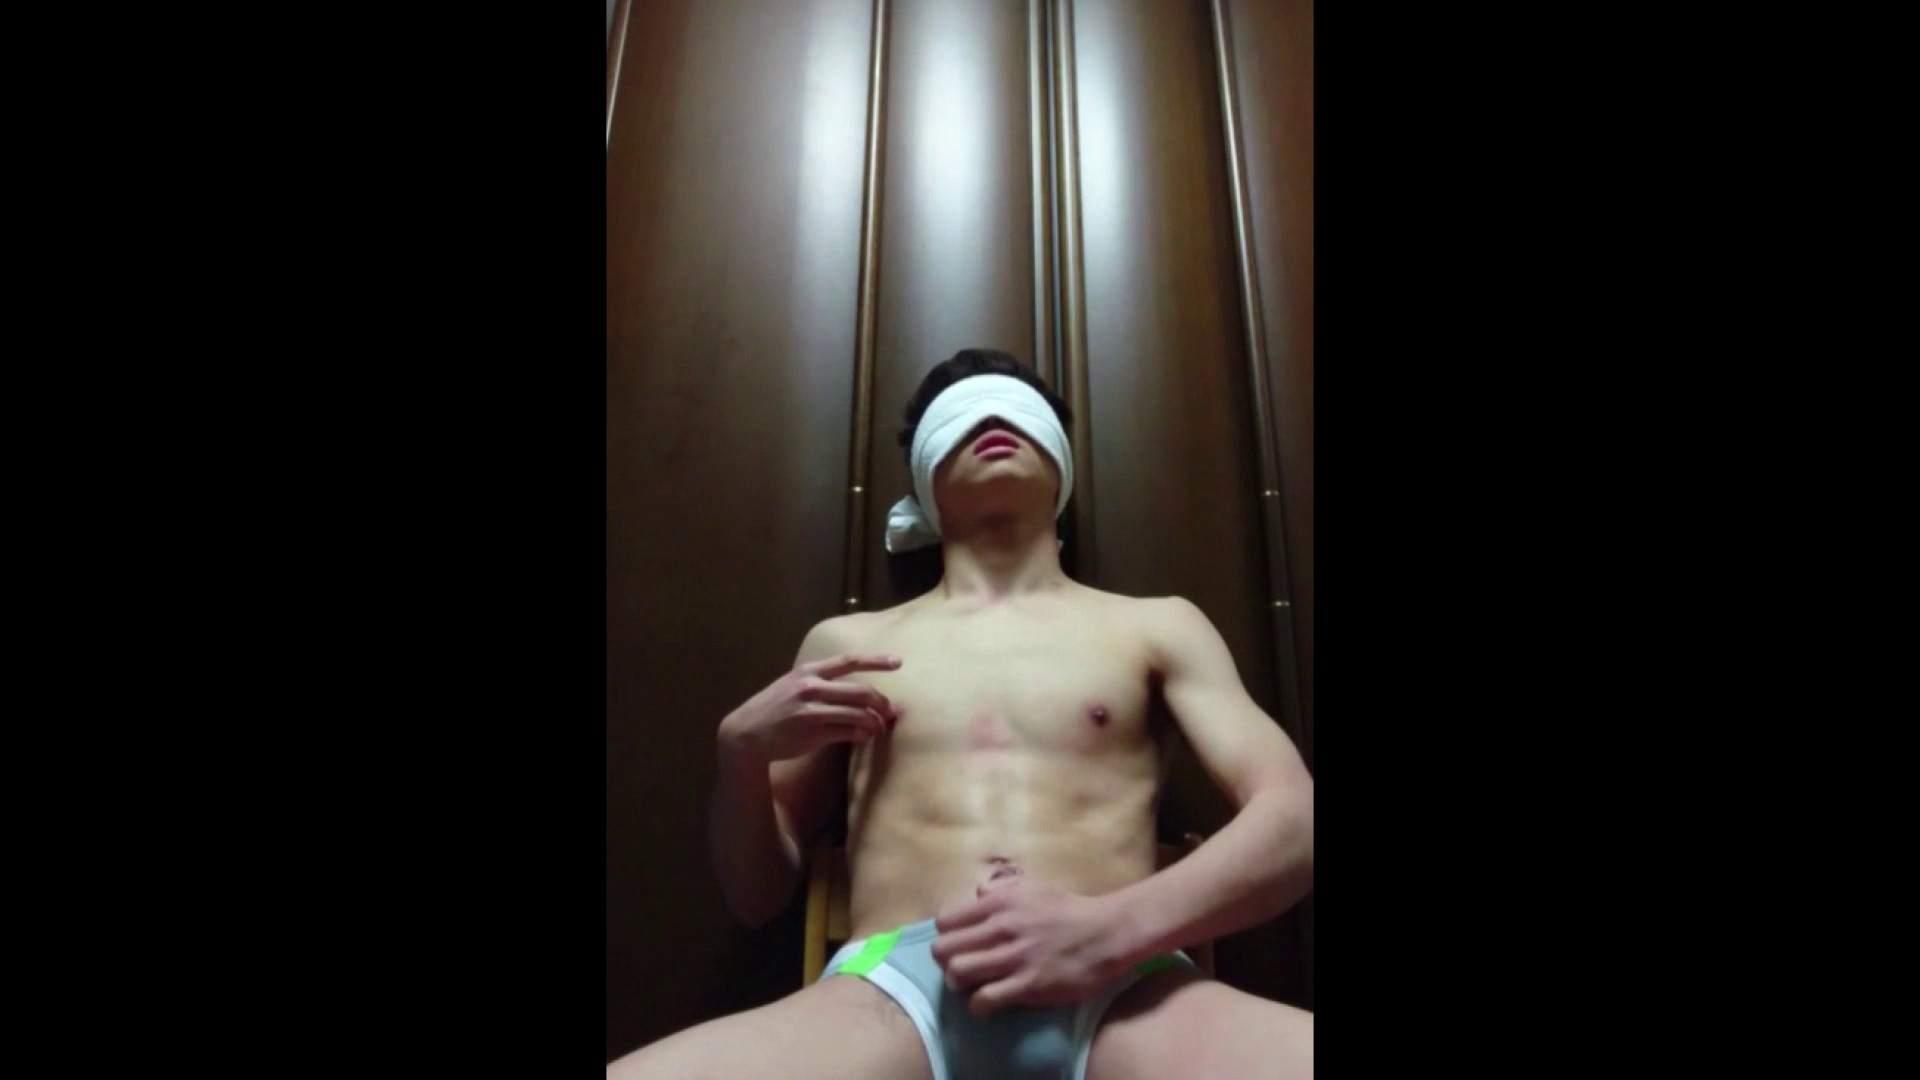 個人撮影 自慰の極意 Vol.21 オナニー  59pic 53